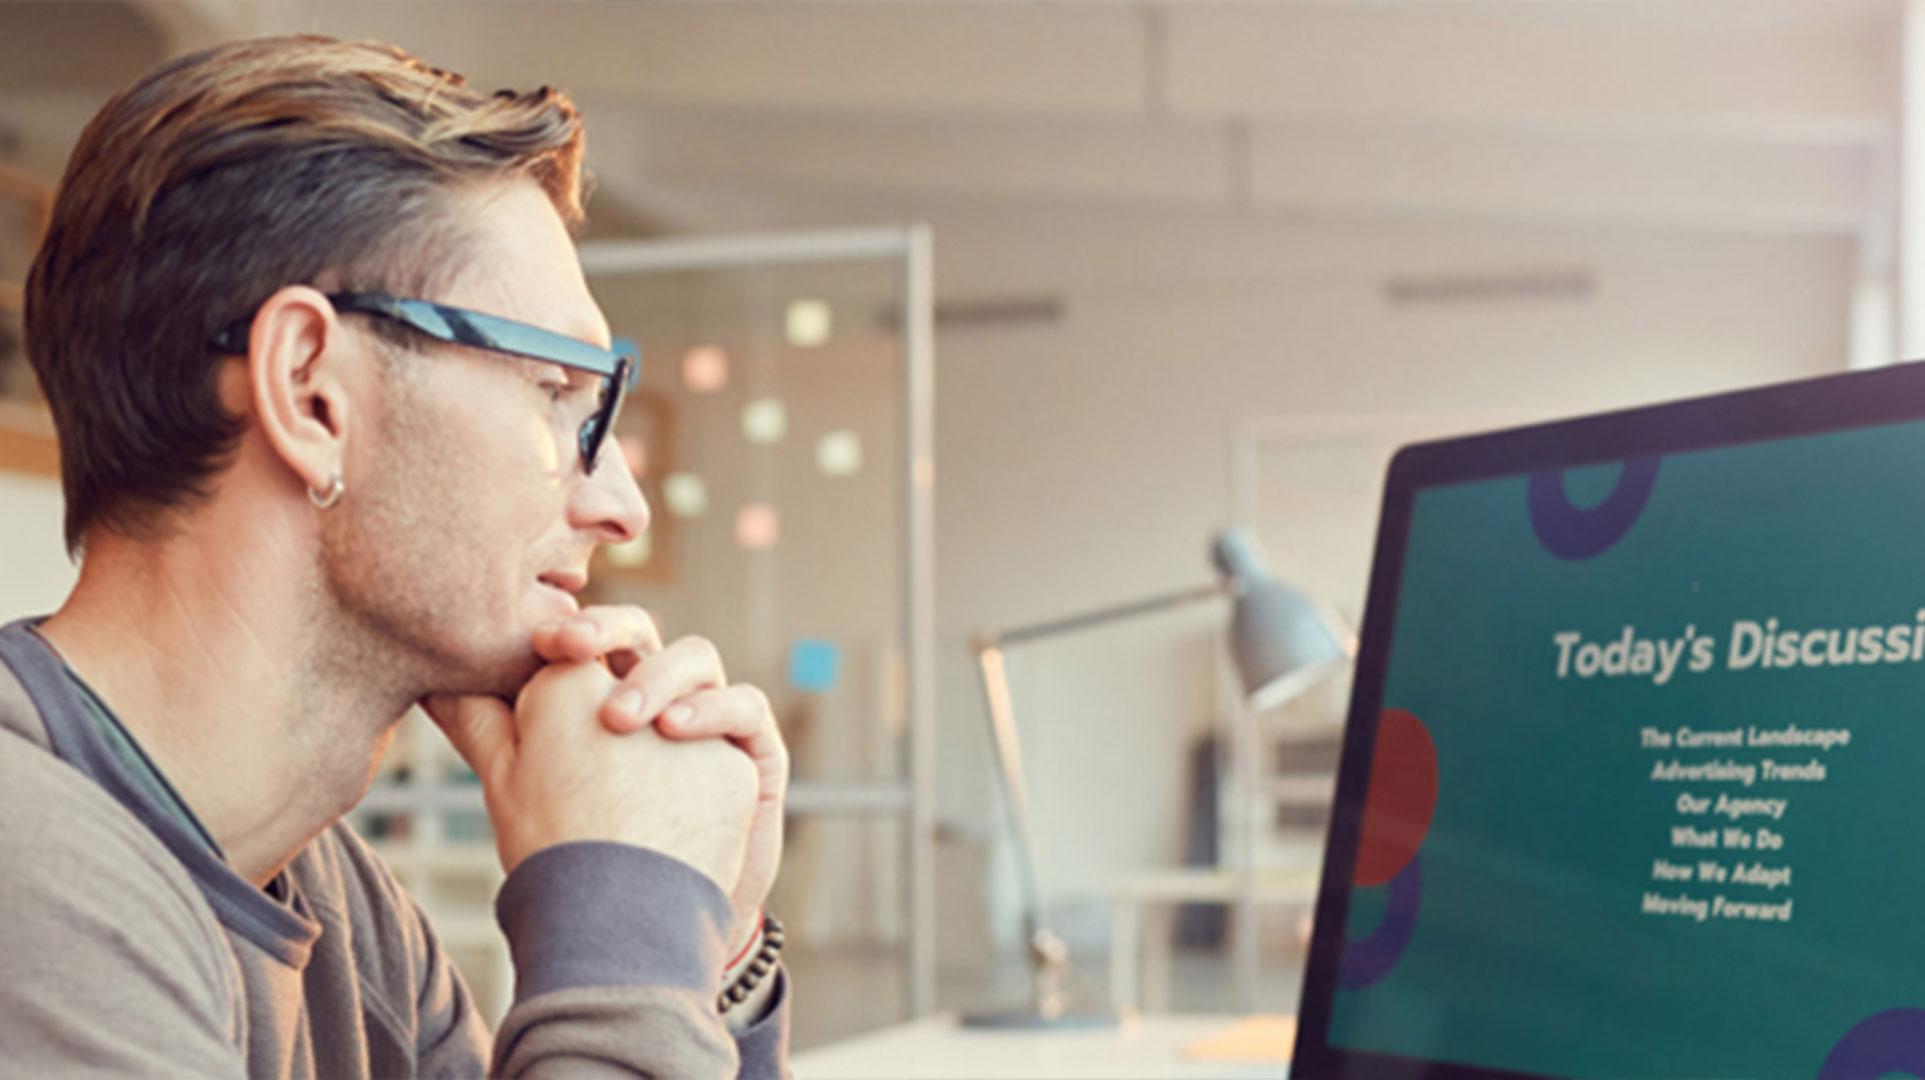 homme regardant écran d'ordinateur